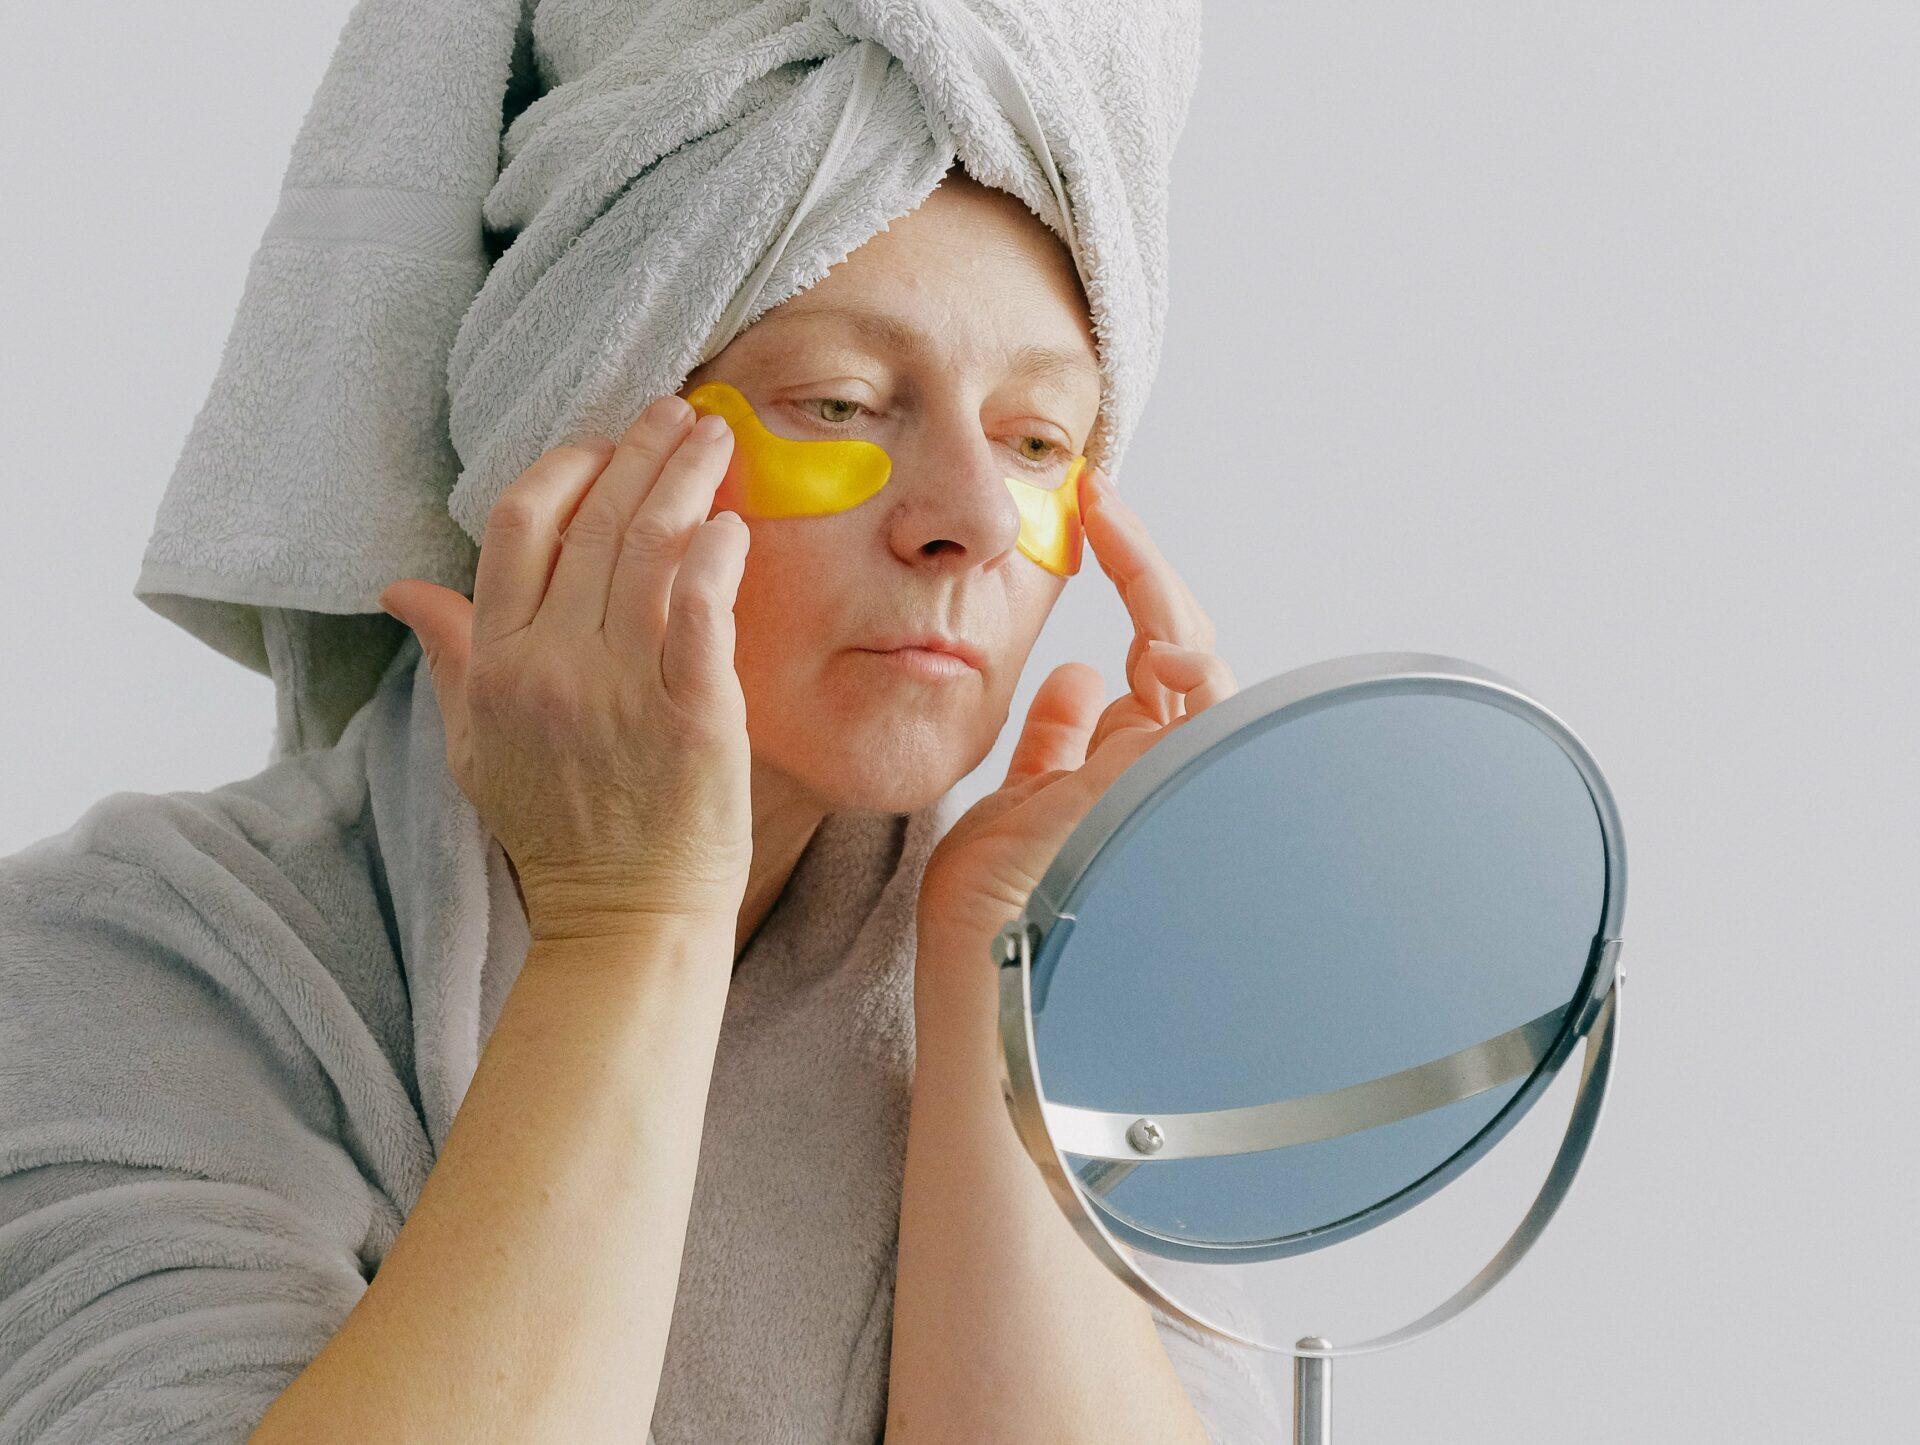 Четыре симптома на лице человека названы признаками нехватки витамина B12 в организме